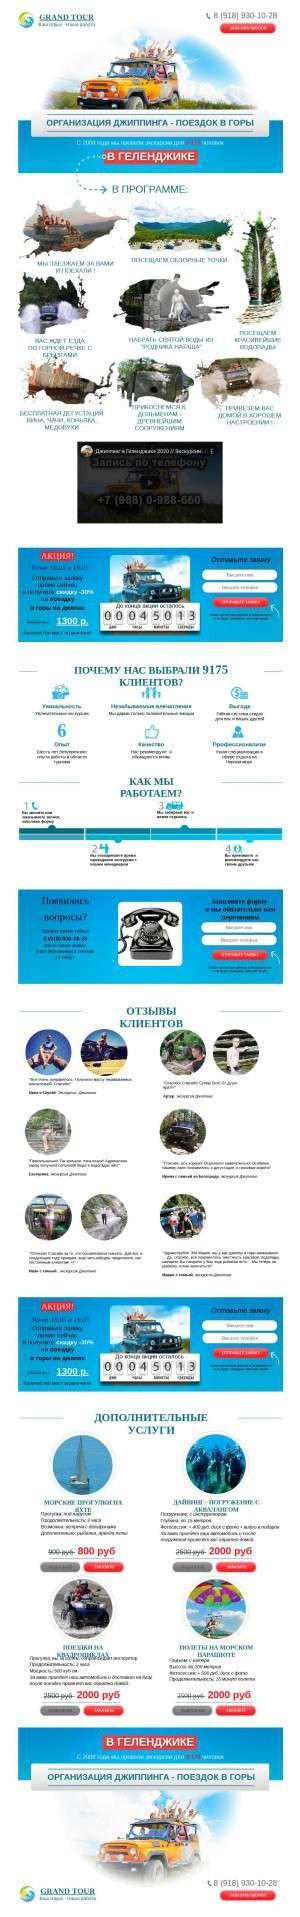 Предпросмотр для джиппинг-в-геленджике.рф — Квадроциклы Геленджик